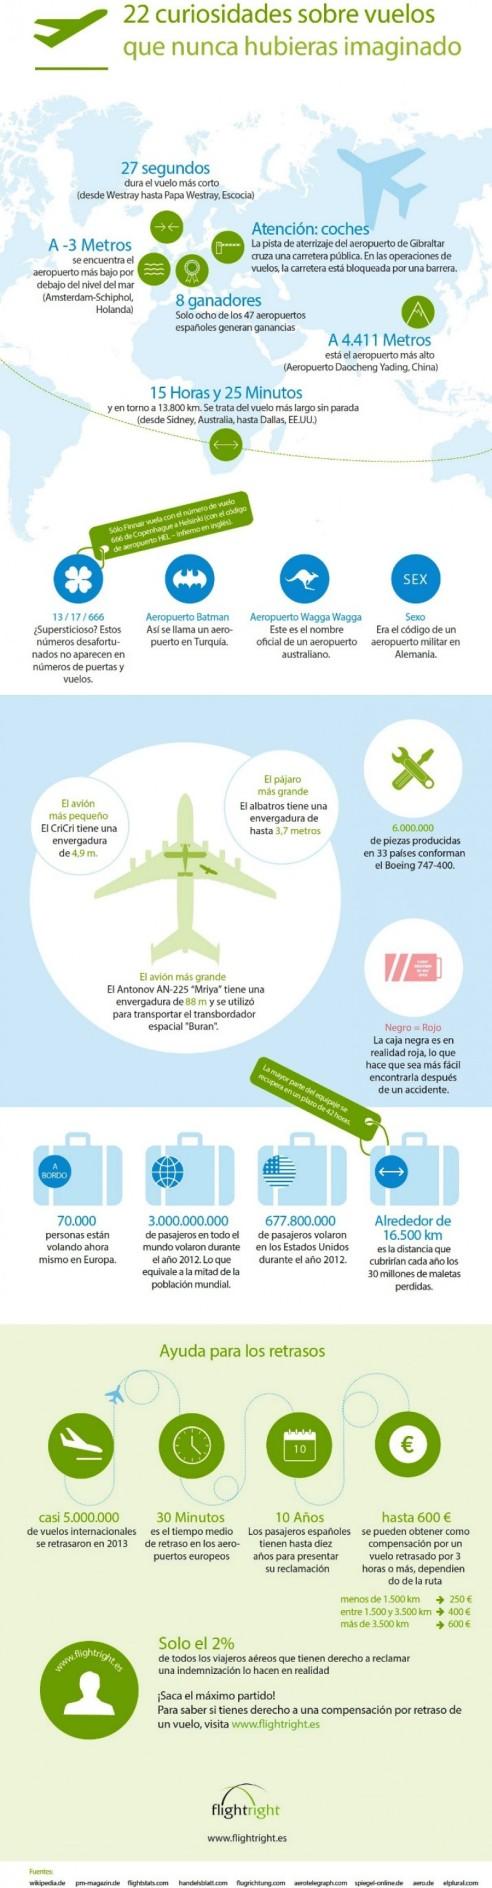 datos aviación